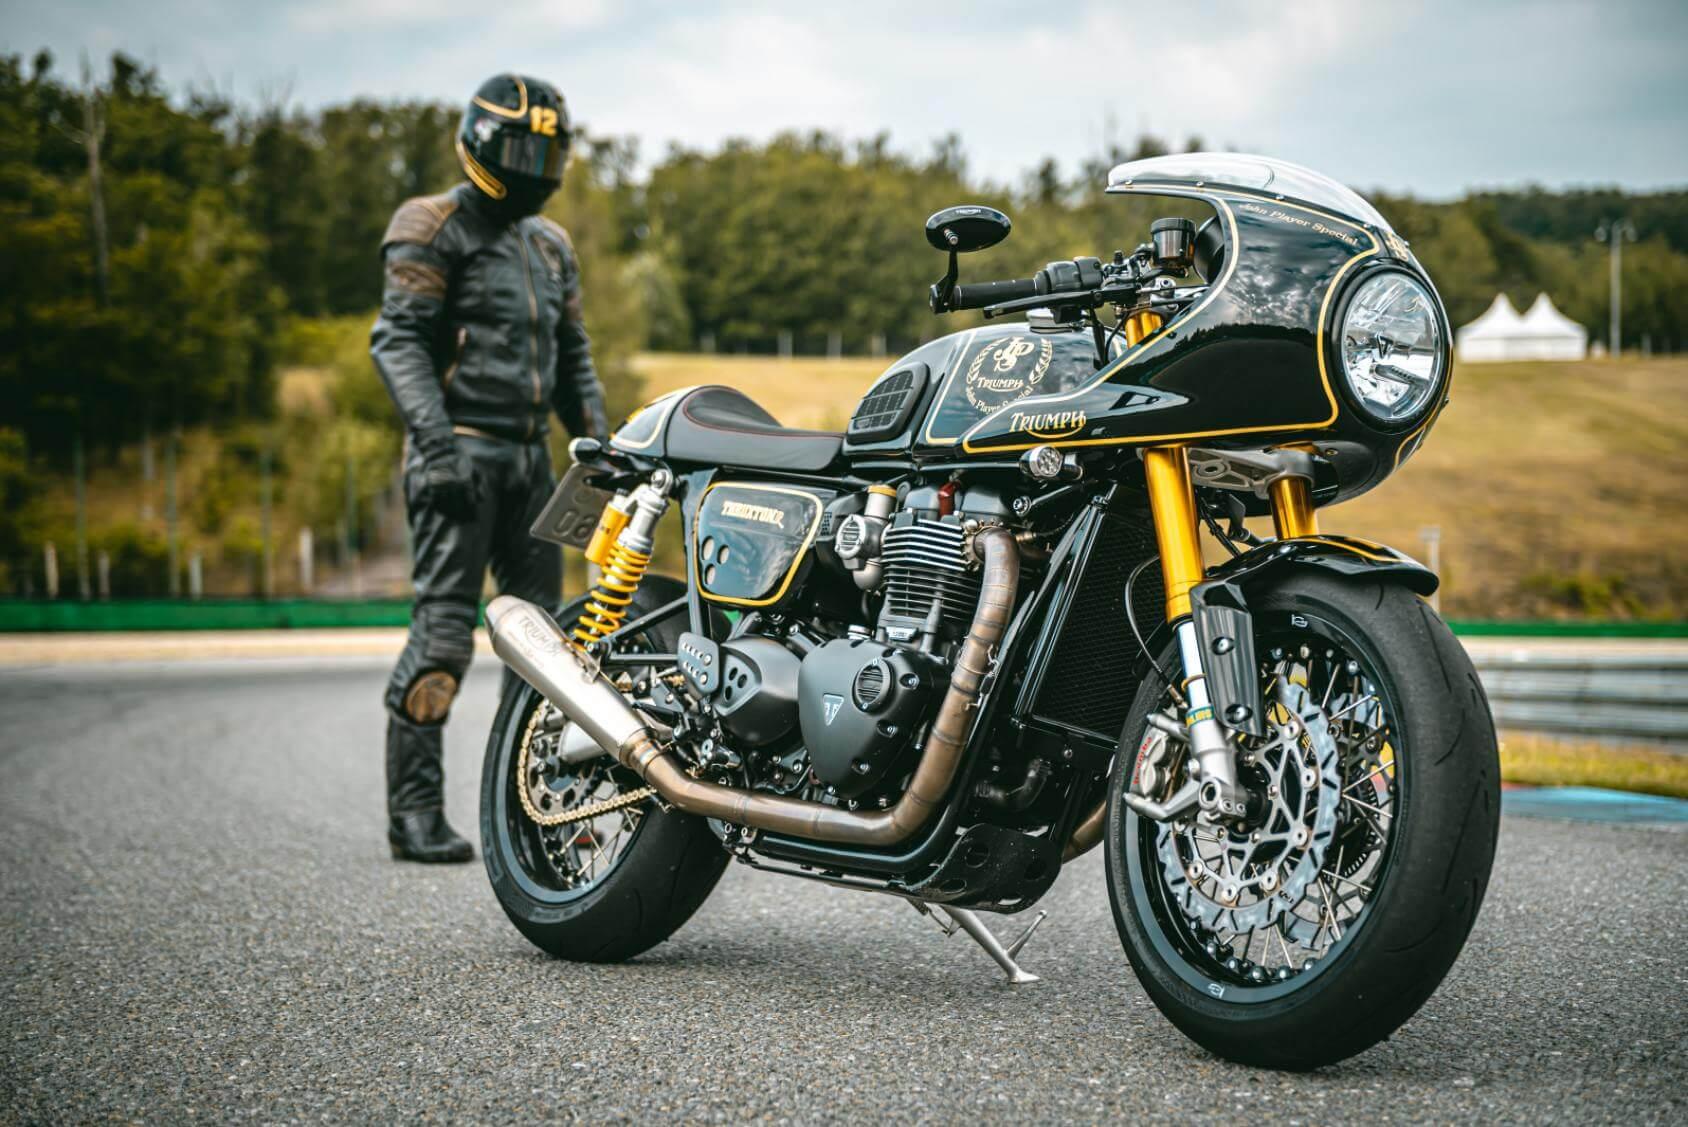 Triumph Motorcycle - Original image